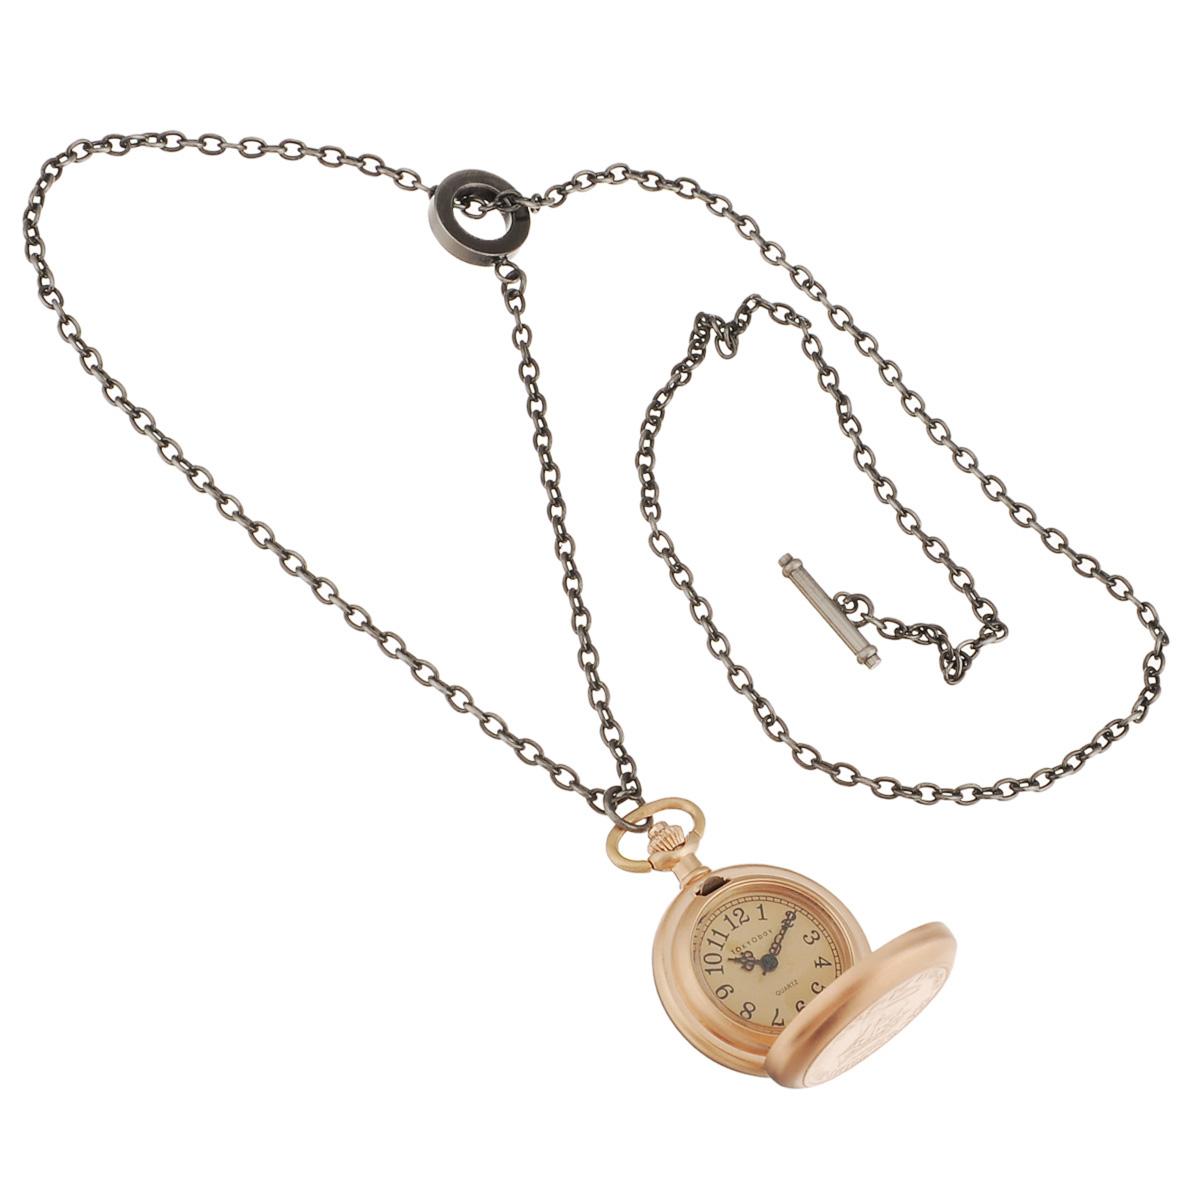 Часы женские наручные Tokyobay Shilling Pendant, цвет: золотой. T118-GDT118-GDНаручные часы Tokyobay - это стильное дополнение к вашему неповторимому образу. Эти часы созданы для современных девушек, ценящих стиль, качество и практичность. Часы оснащены японским кварцевым механизмом Miyota. Корпус выполнен из металла, не содержащего никель. Задняя крышка изготовлена из нержавеющей стали. Циферблат имеет три стрелки - часовую, минутную и секундную, защищен ударопрочным оптическим пластиком и металлической крышкой. Браслет выполнен из металлического сплава в виде цепочки. Часы Tokyobay - это практичный и модный аксессуар, который подчеркнет ваш безупречный вкус. Характеристики: Корпус: 29 х 29 х 10 мм. Размер цепочки: 37 х 0,3 см. Не водостойкие.